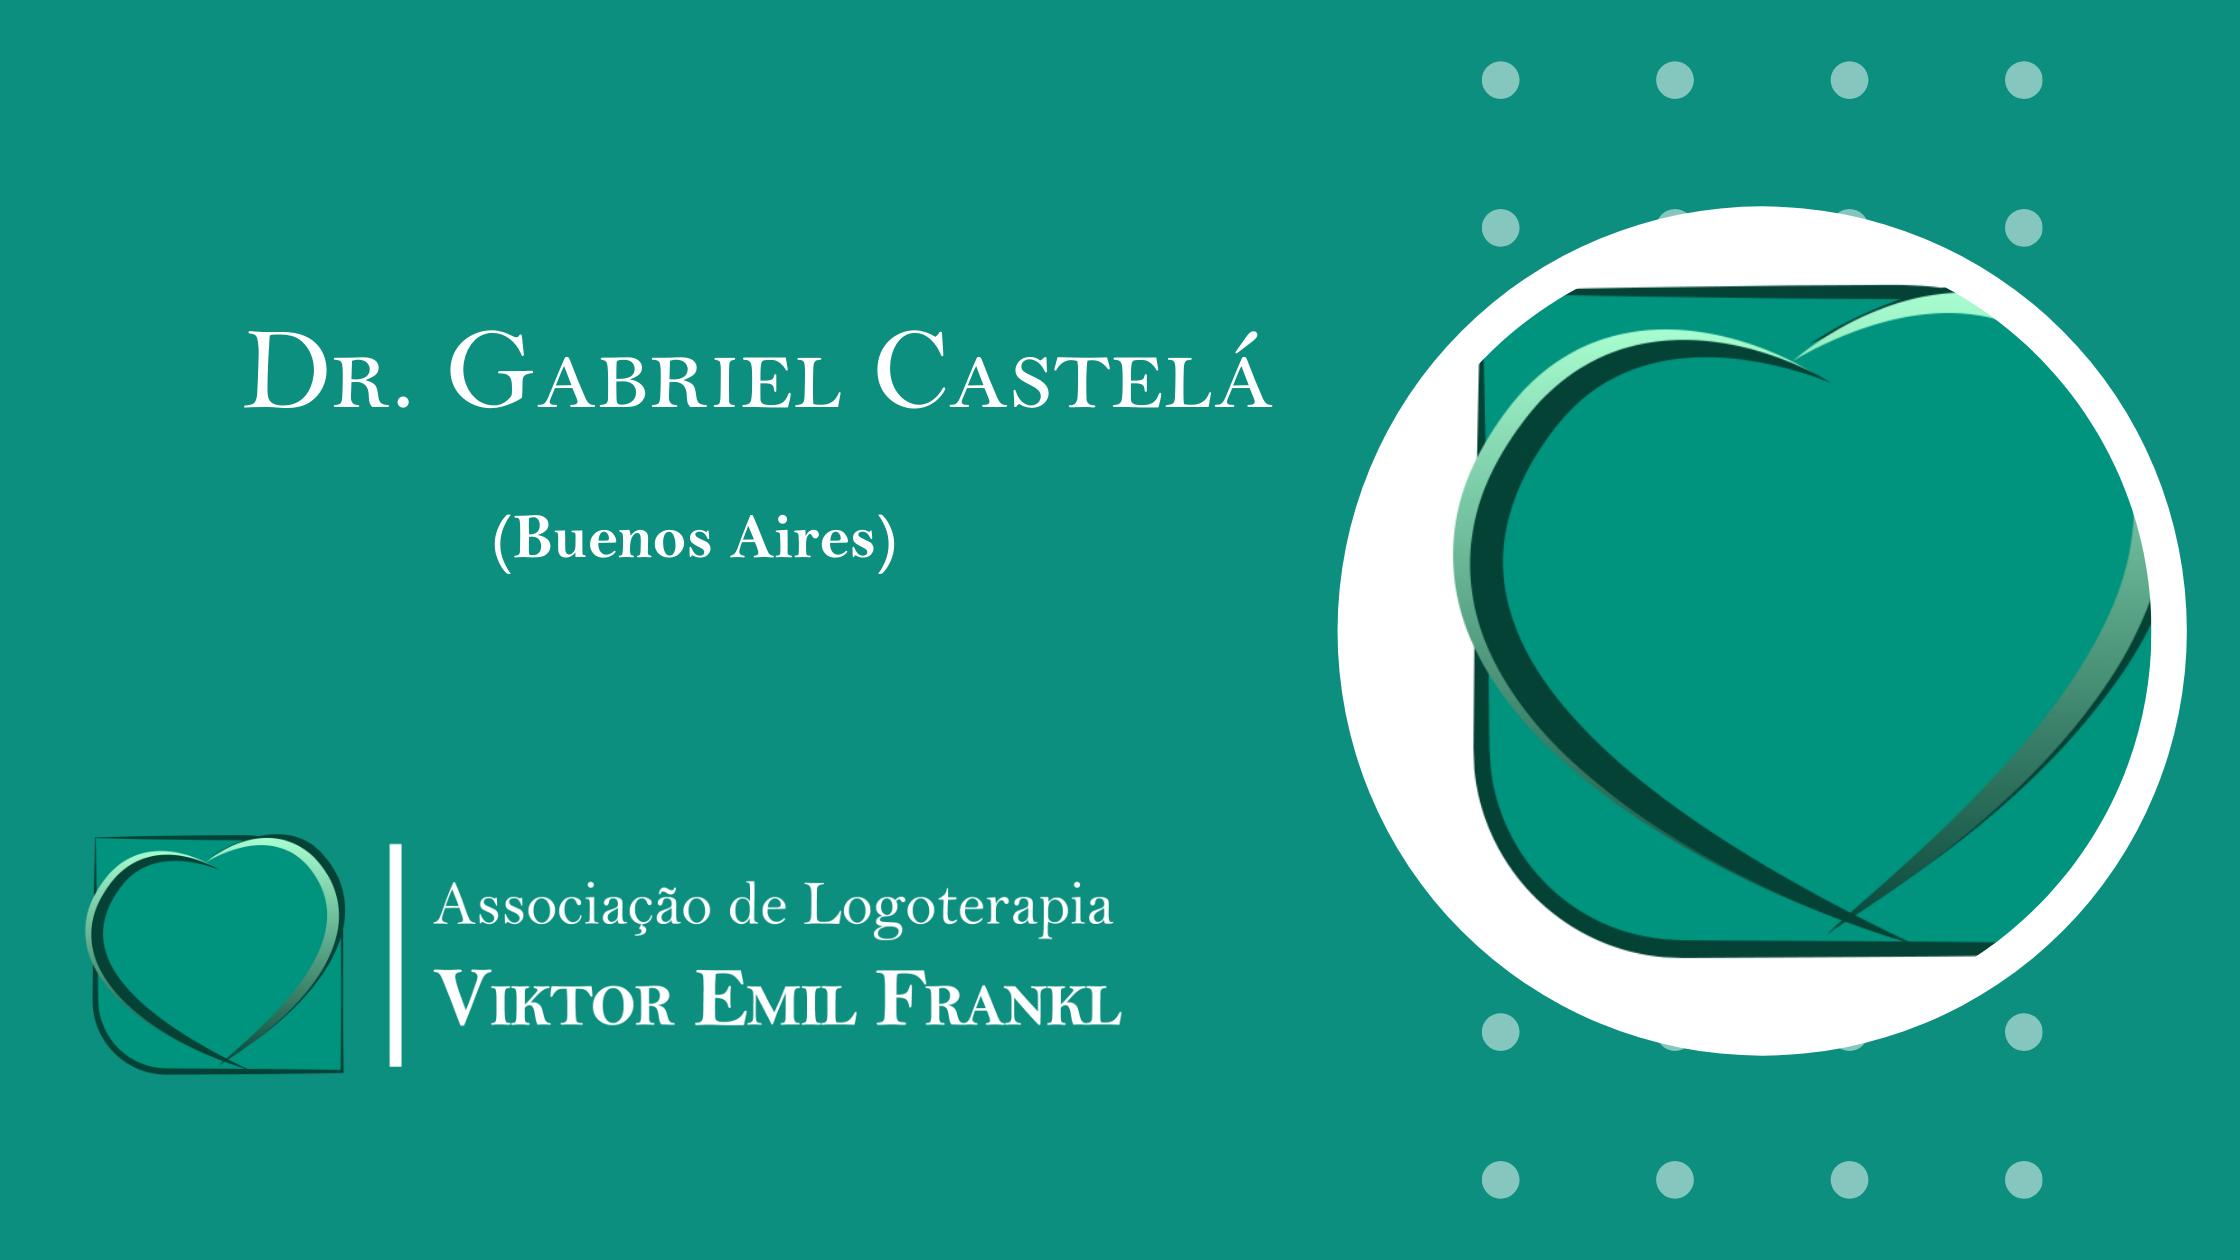 Dr. Gabriel Castelá (Buenos Aires)